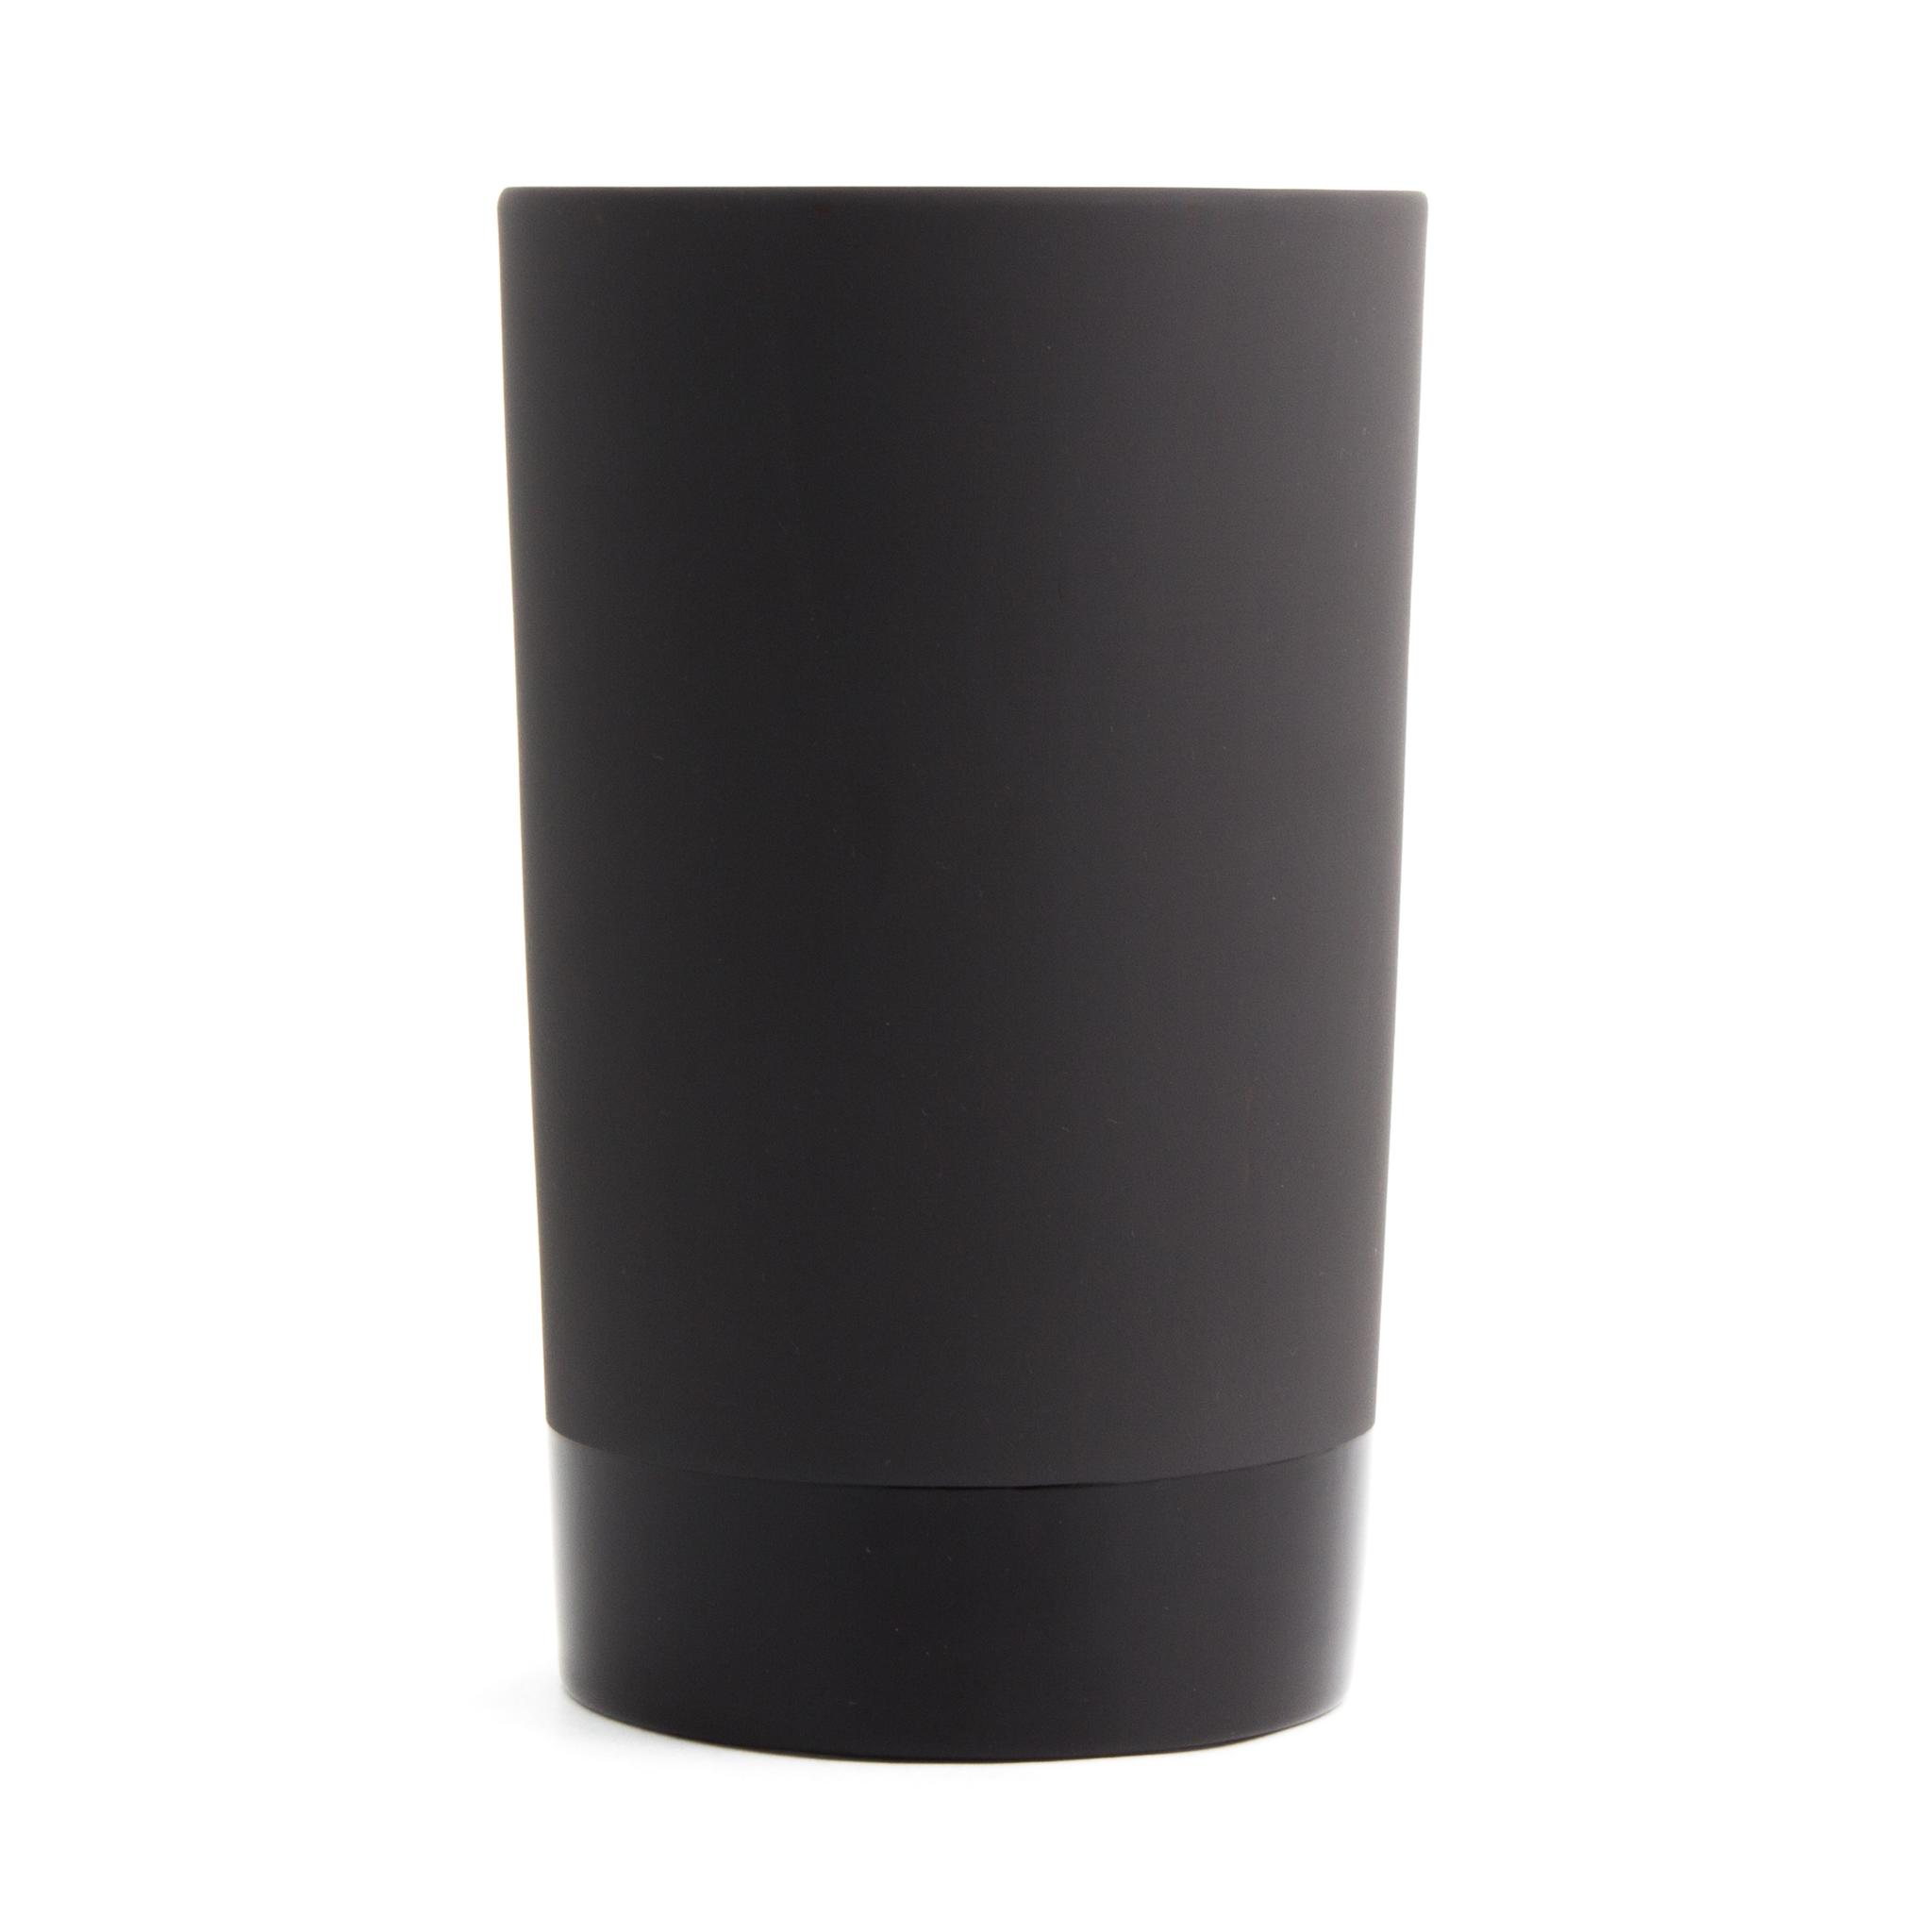 Flaschenkühler schwarz keramik, Geschirrspüler-tau